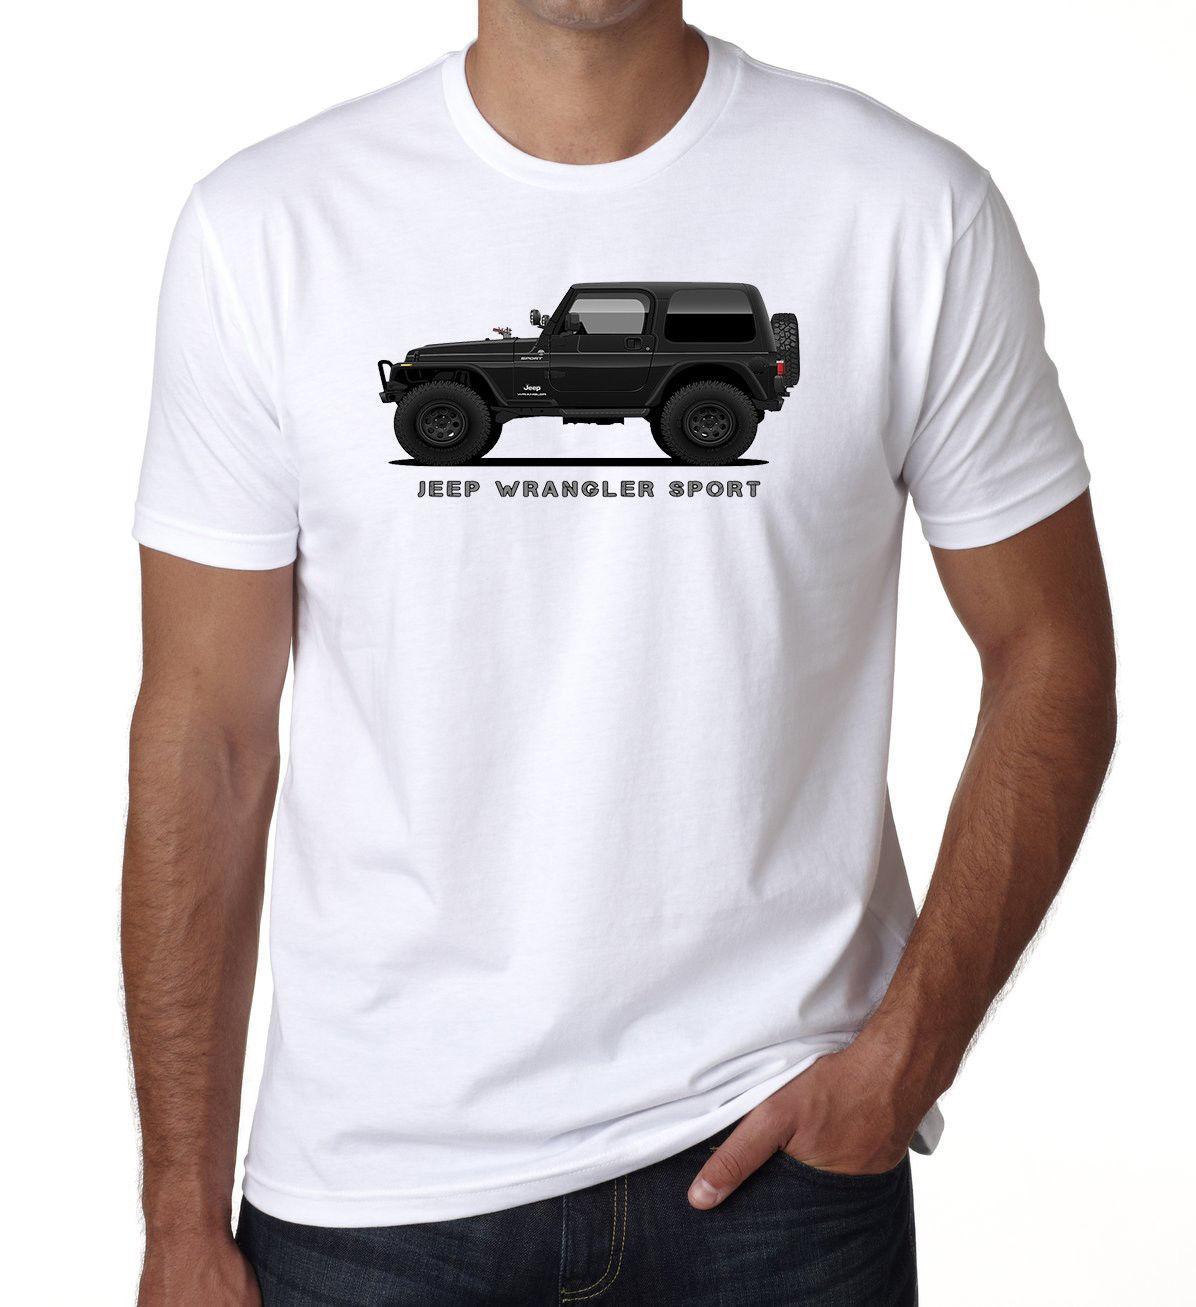 Acquista T Shirt Da Uomo Sportiva Jeep WRANGLER Bambini 4 X 4 Maglietta  Bianca Da Cross Country A  11.48 Dal Corporatestore75  d62b1a34002